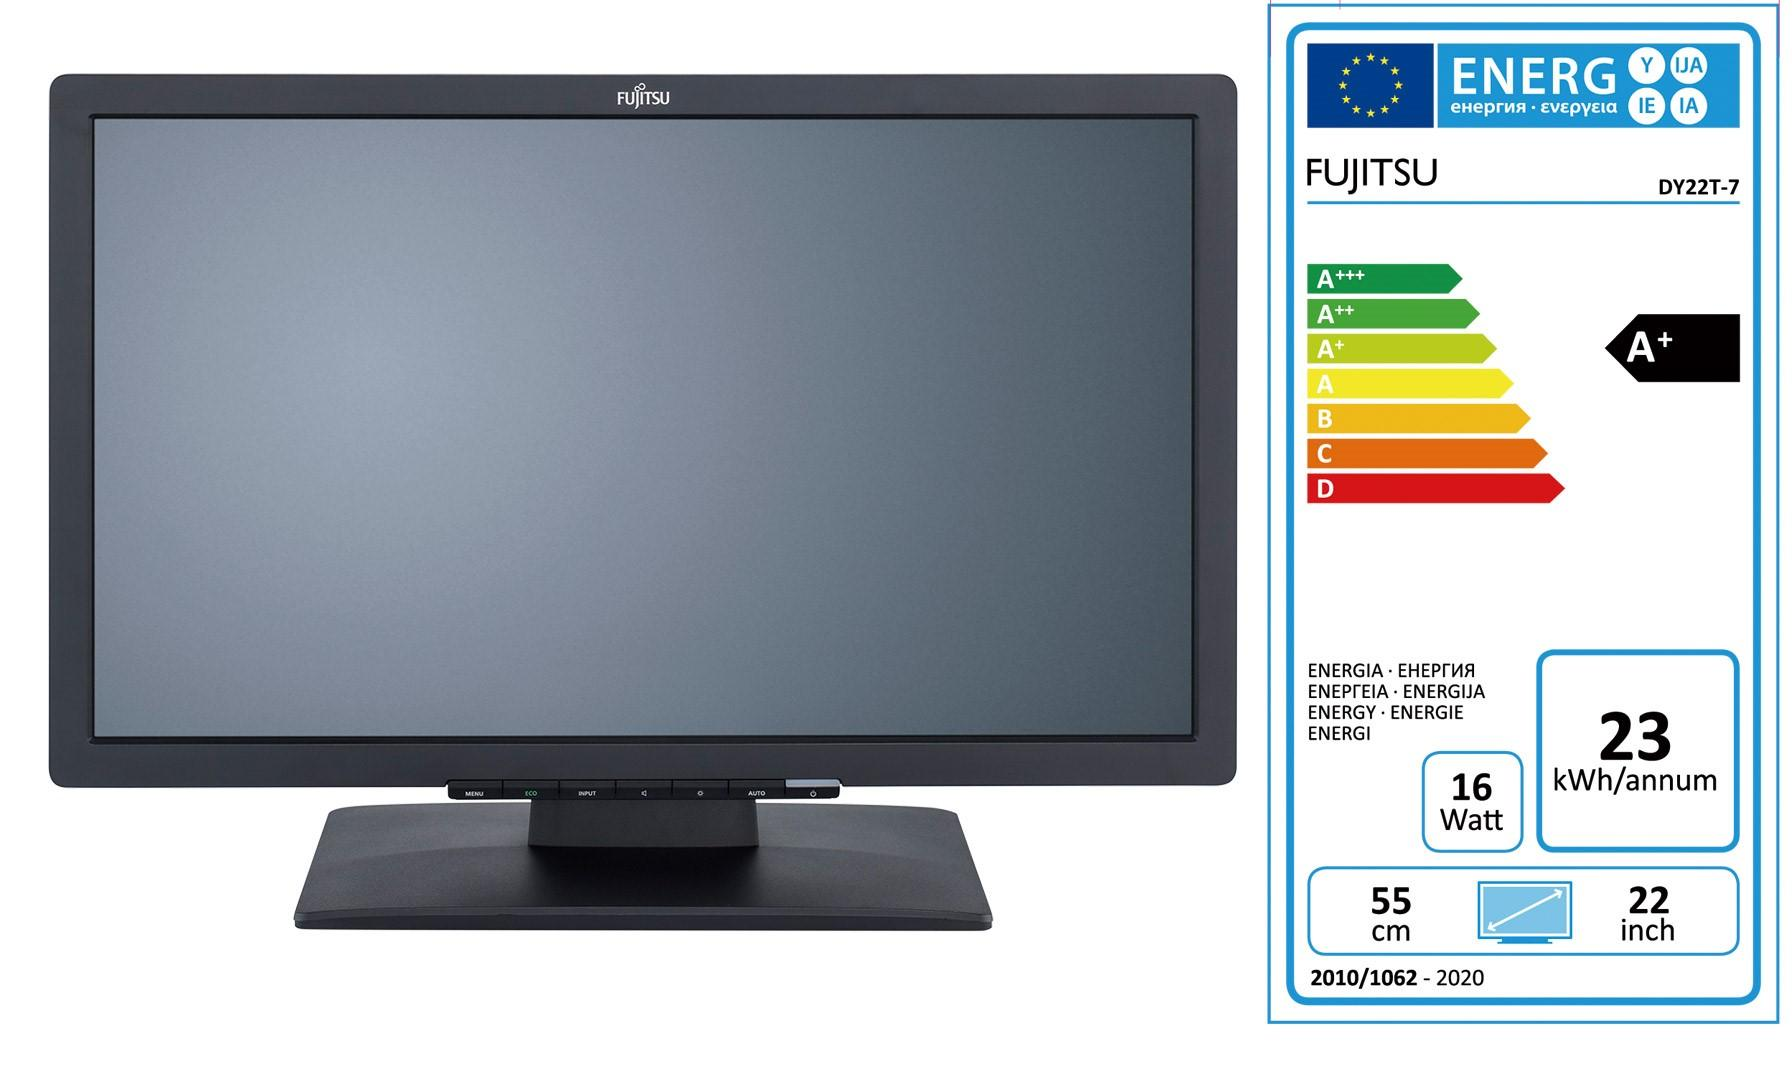 Монитор FUJITSU E22T-7 Pro, IPS, 21.5 inch, Wide, Full HD, DVI, VGA, HDMI, Черен